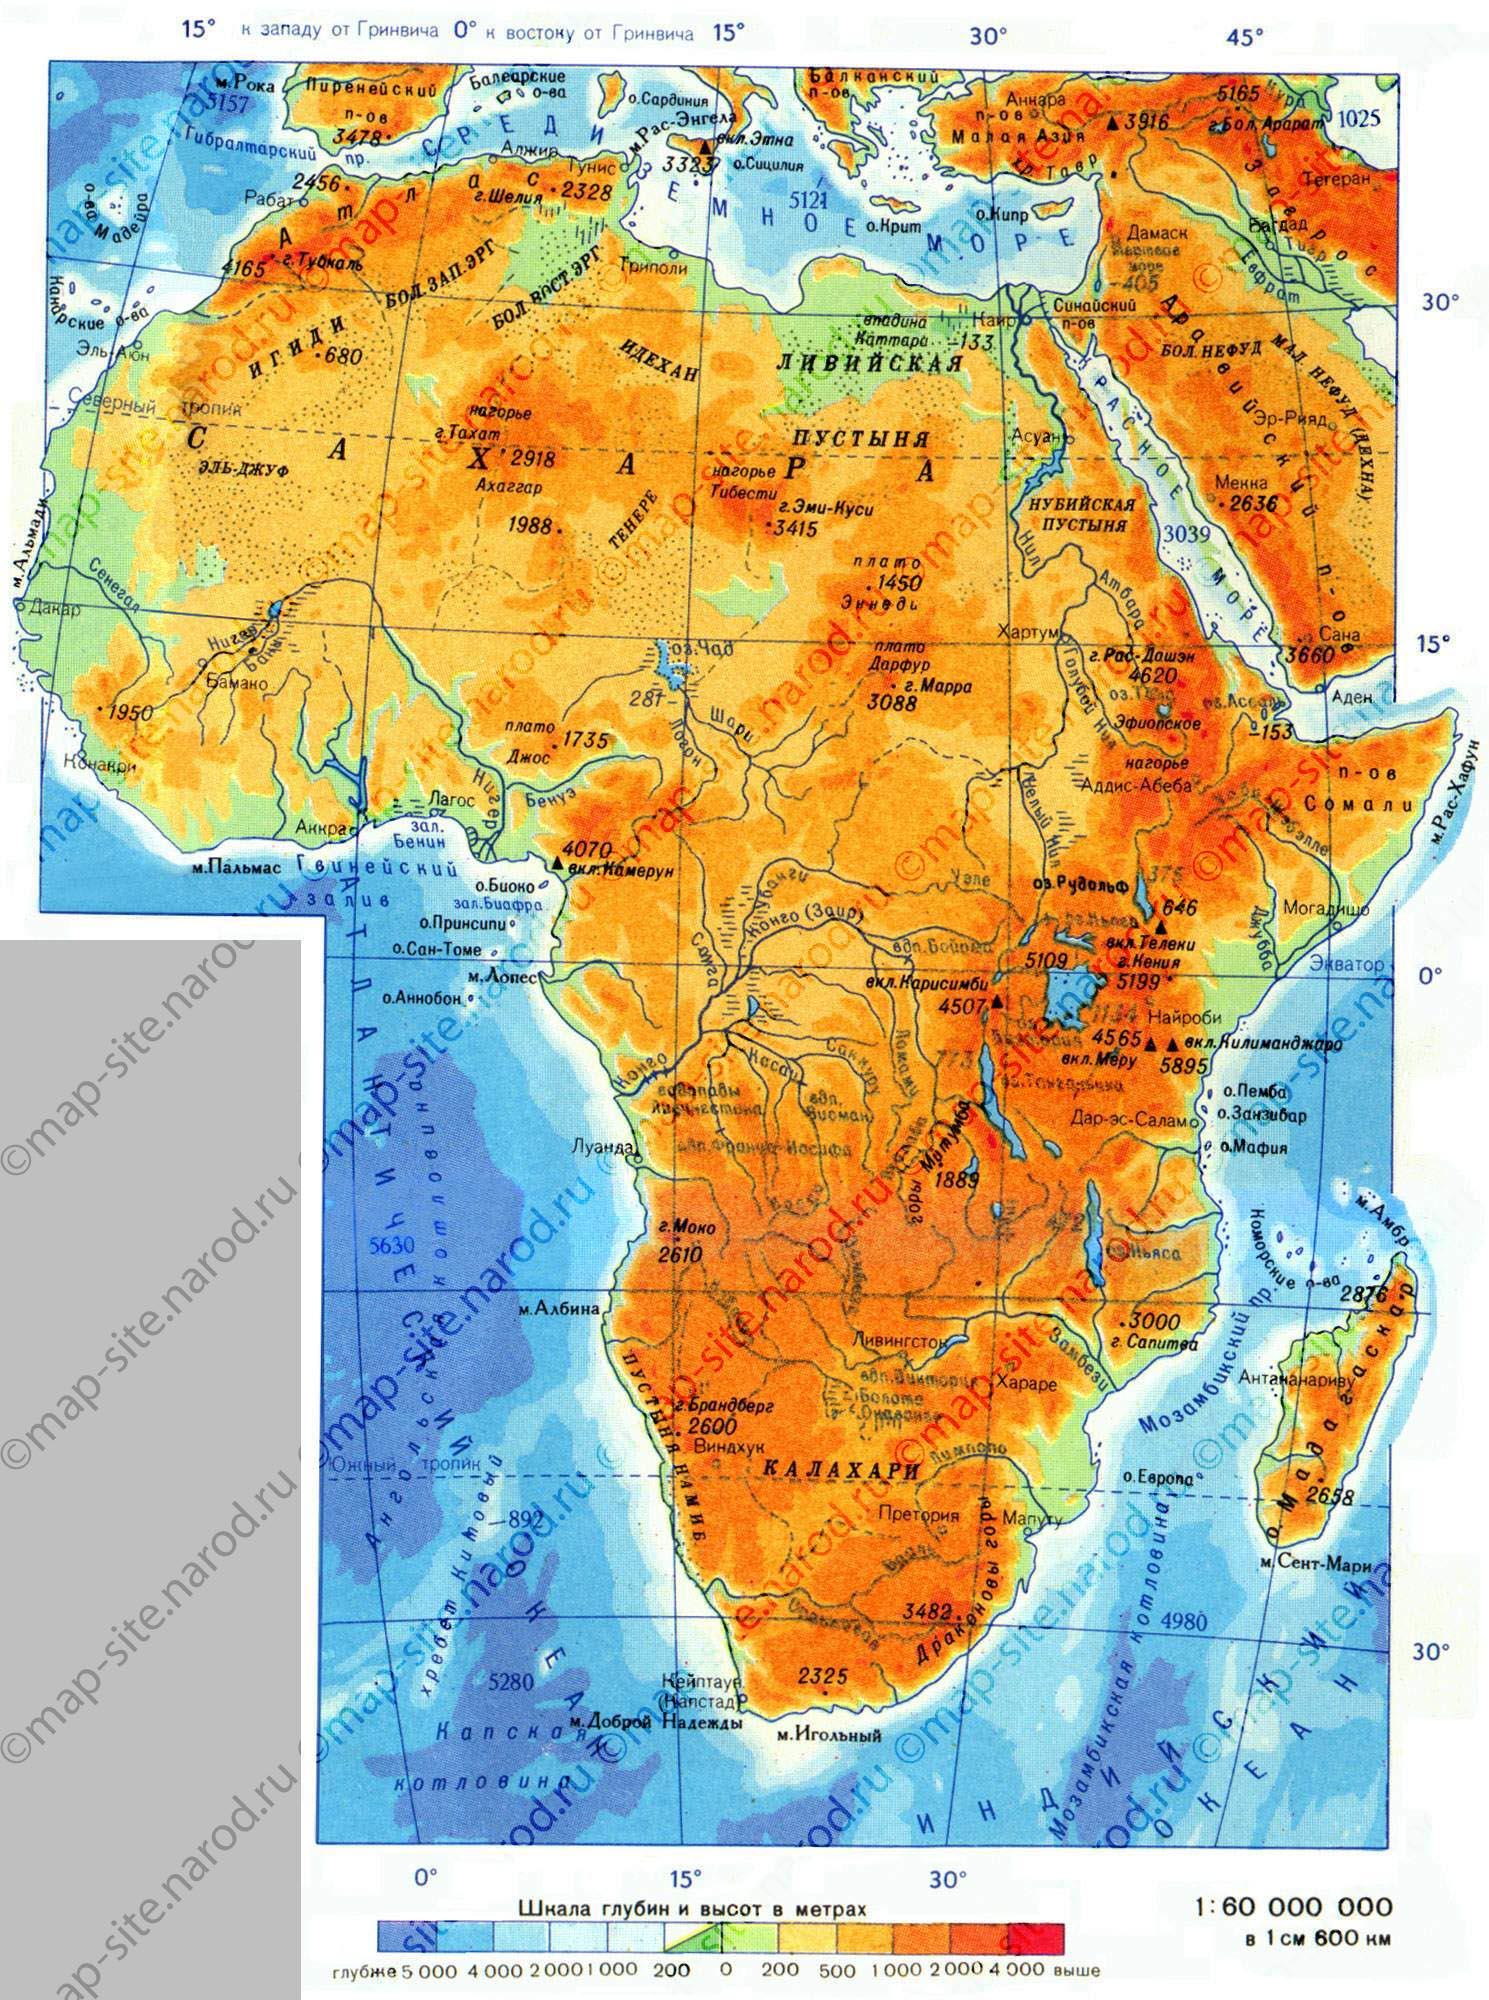 Географическая (физическая) и политическая карта Африки на русском языке: карта стран, пустынь и гор материка.